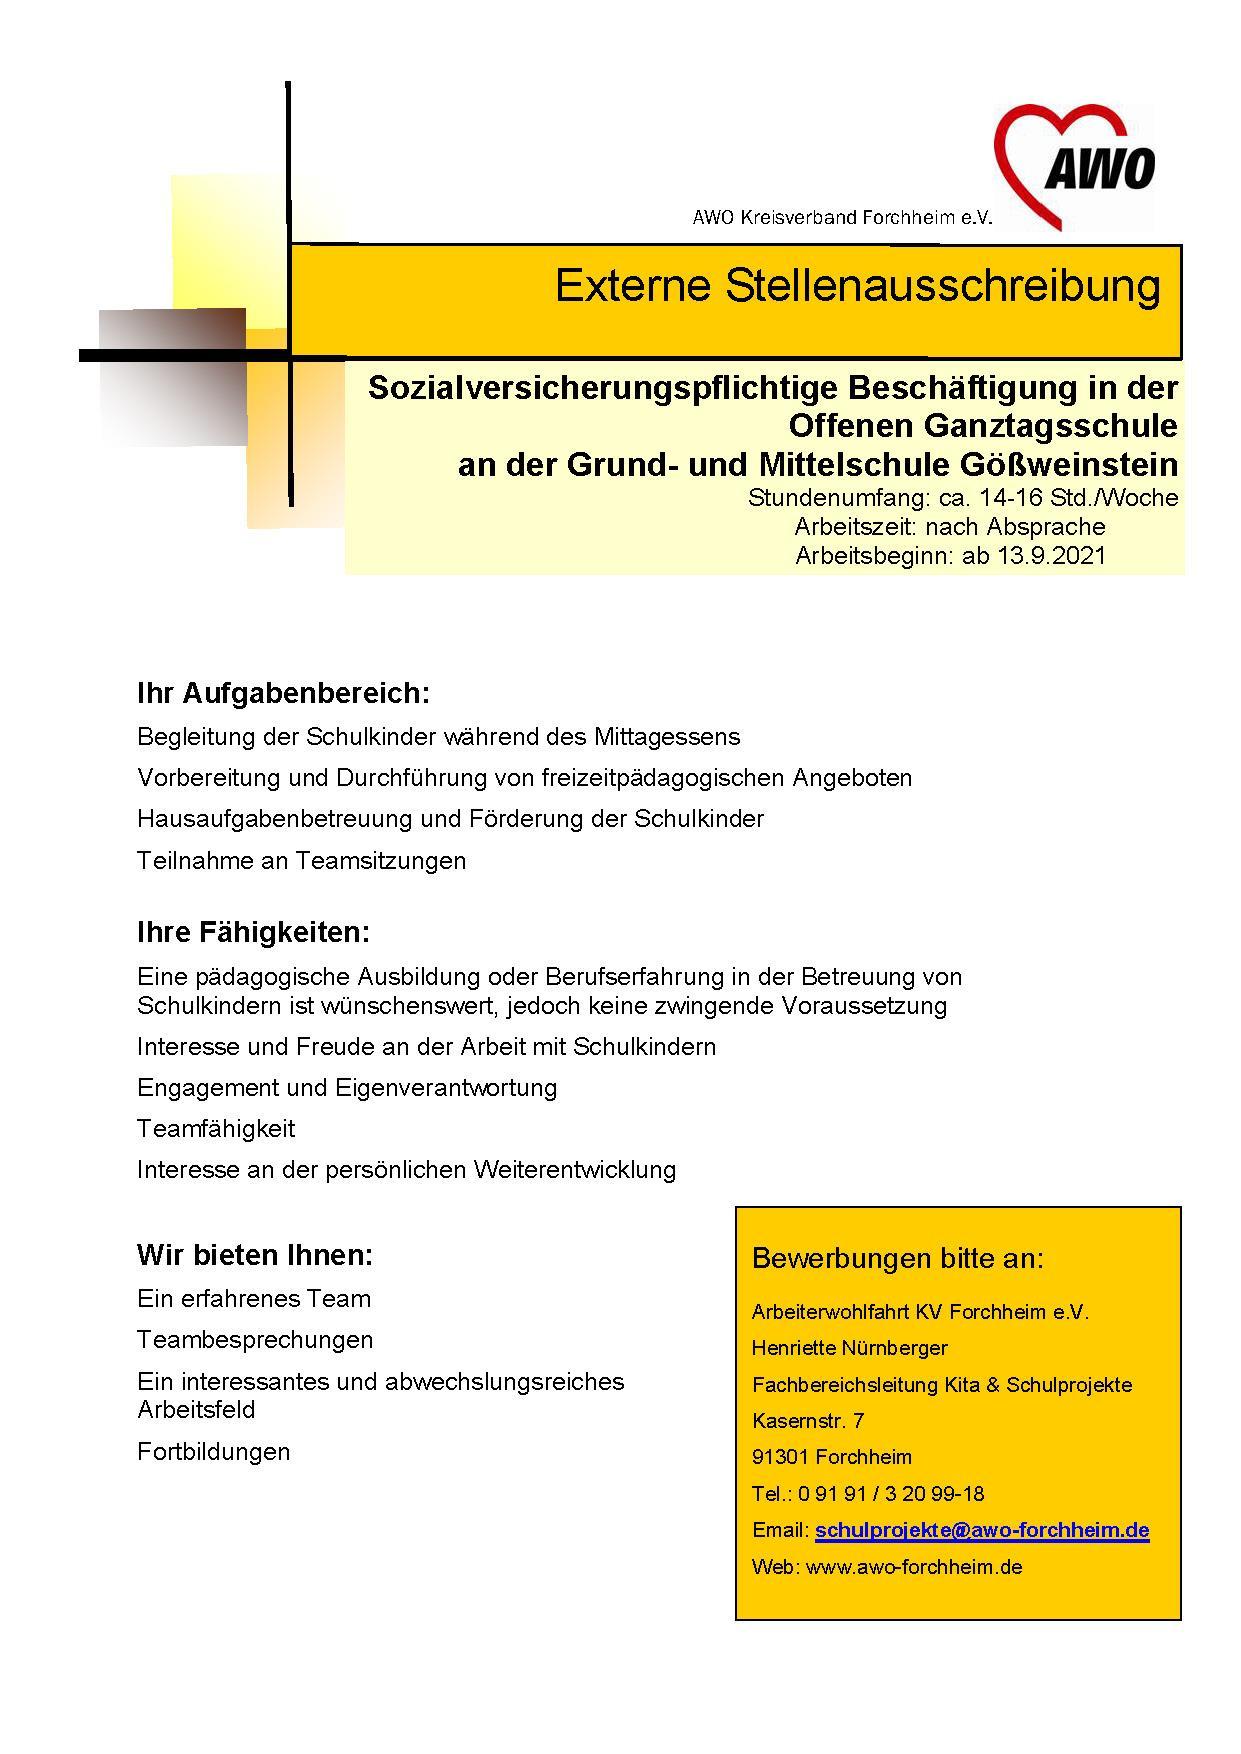 Ausschreibung Gößweinstein sozialvers. ab 9.21